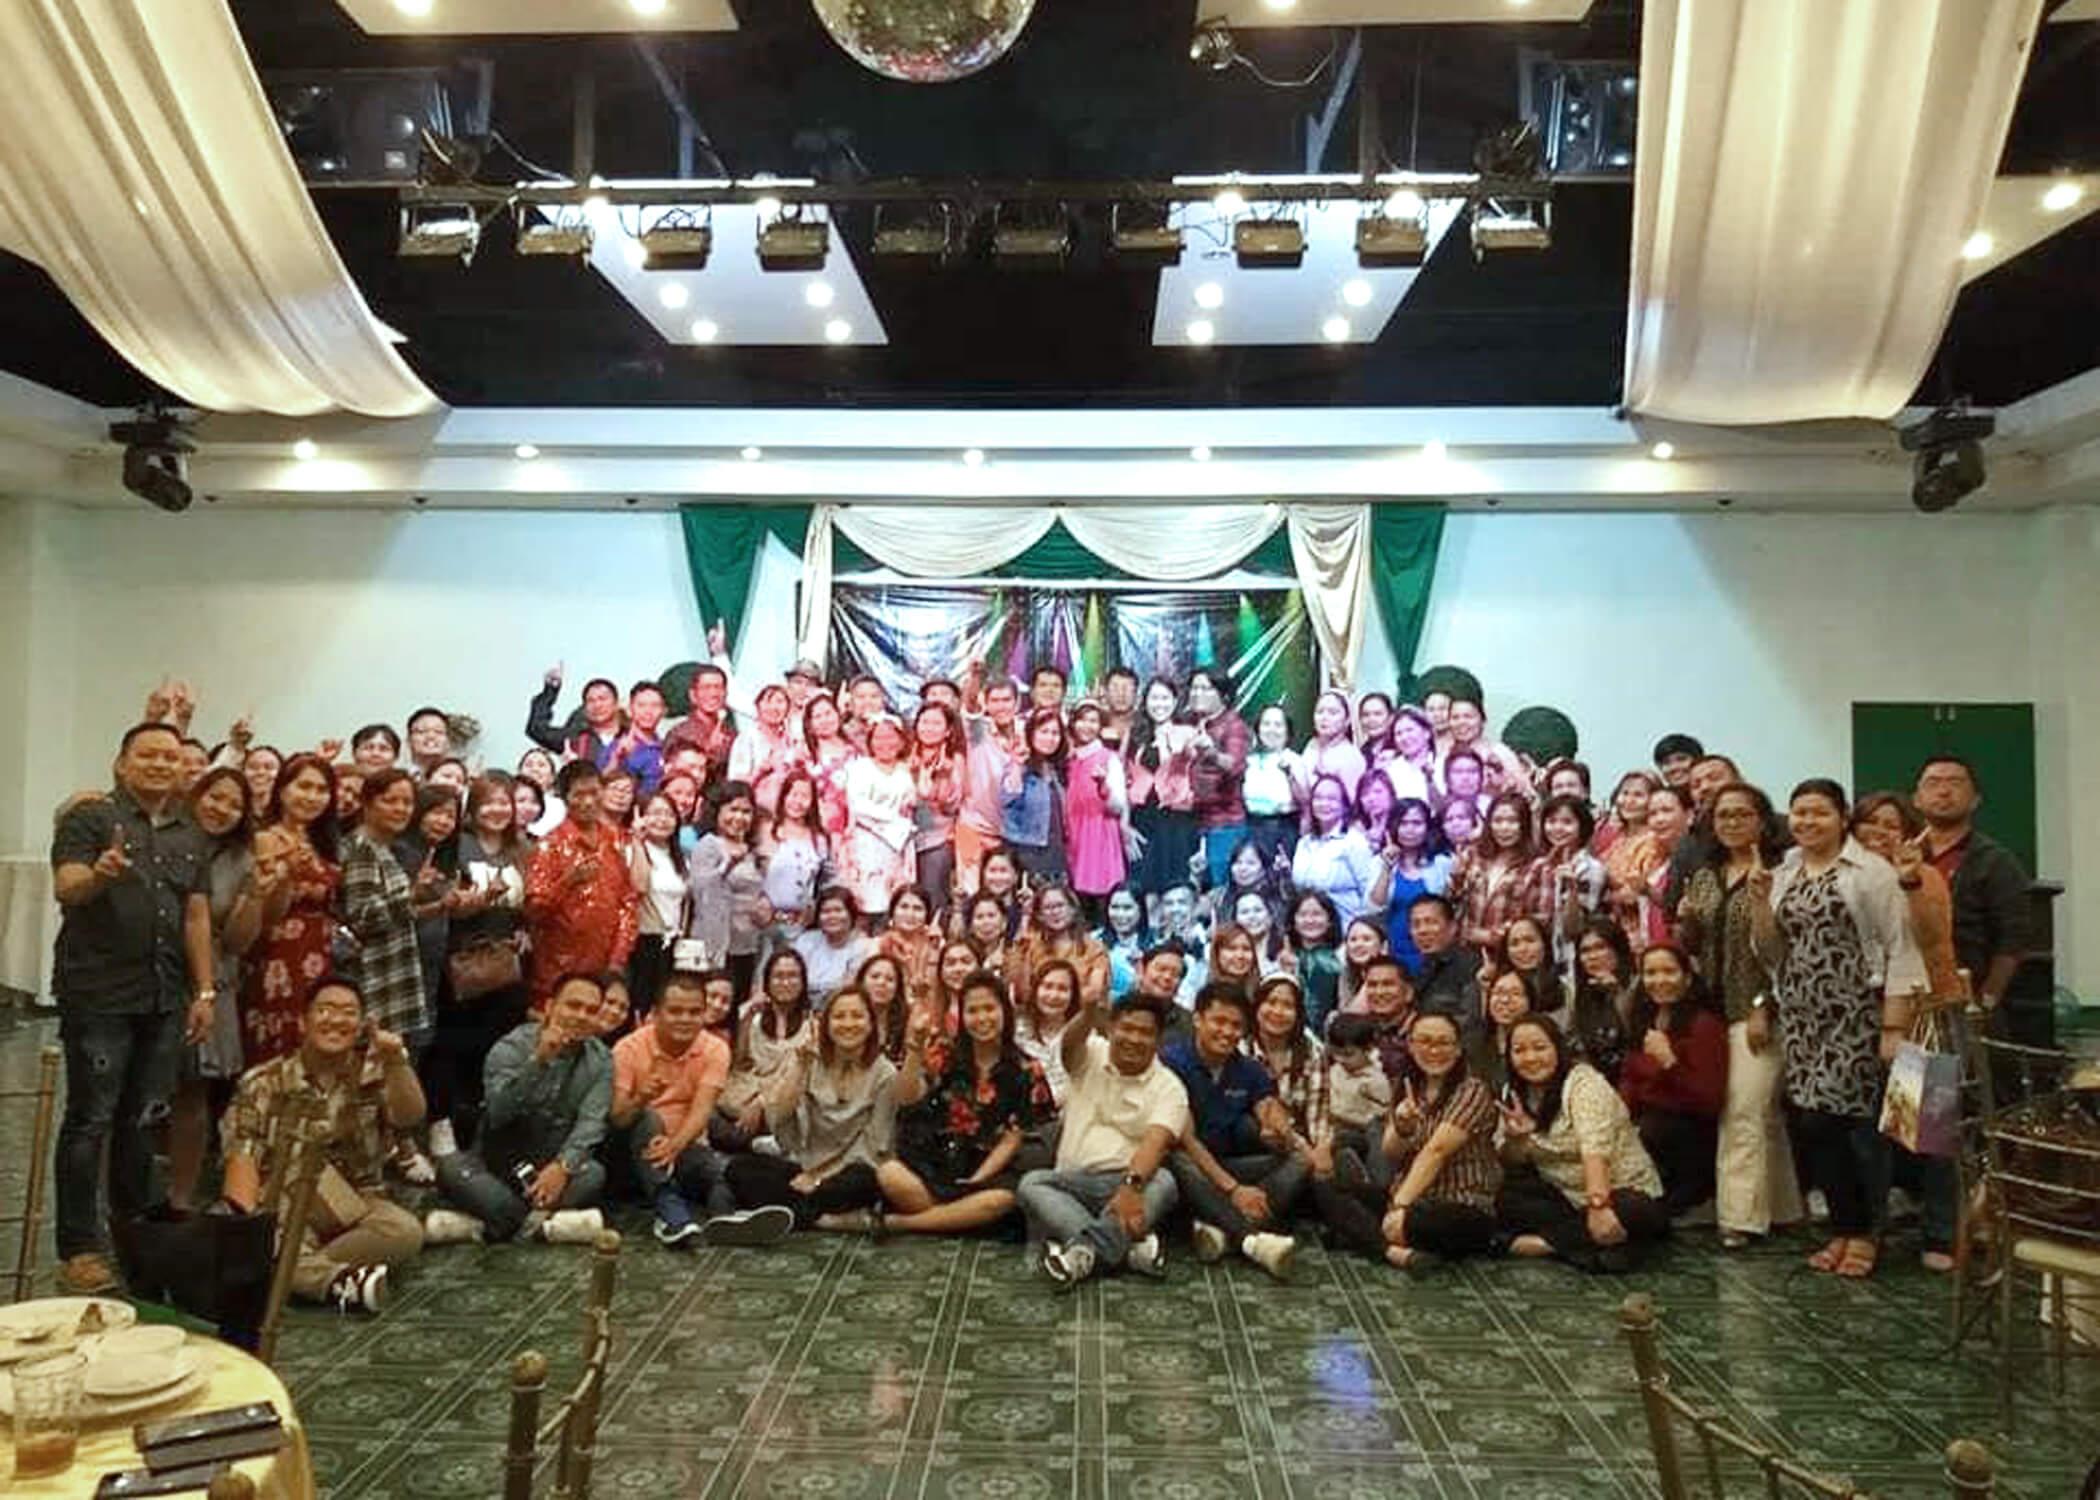 Pampanga - Christmas Party